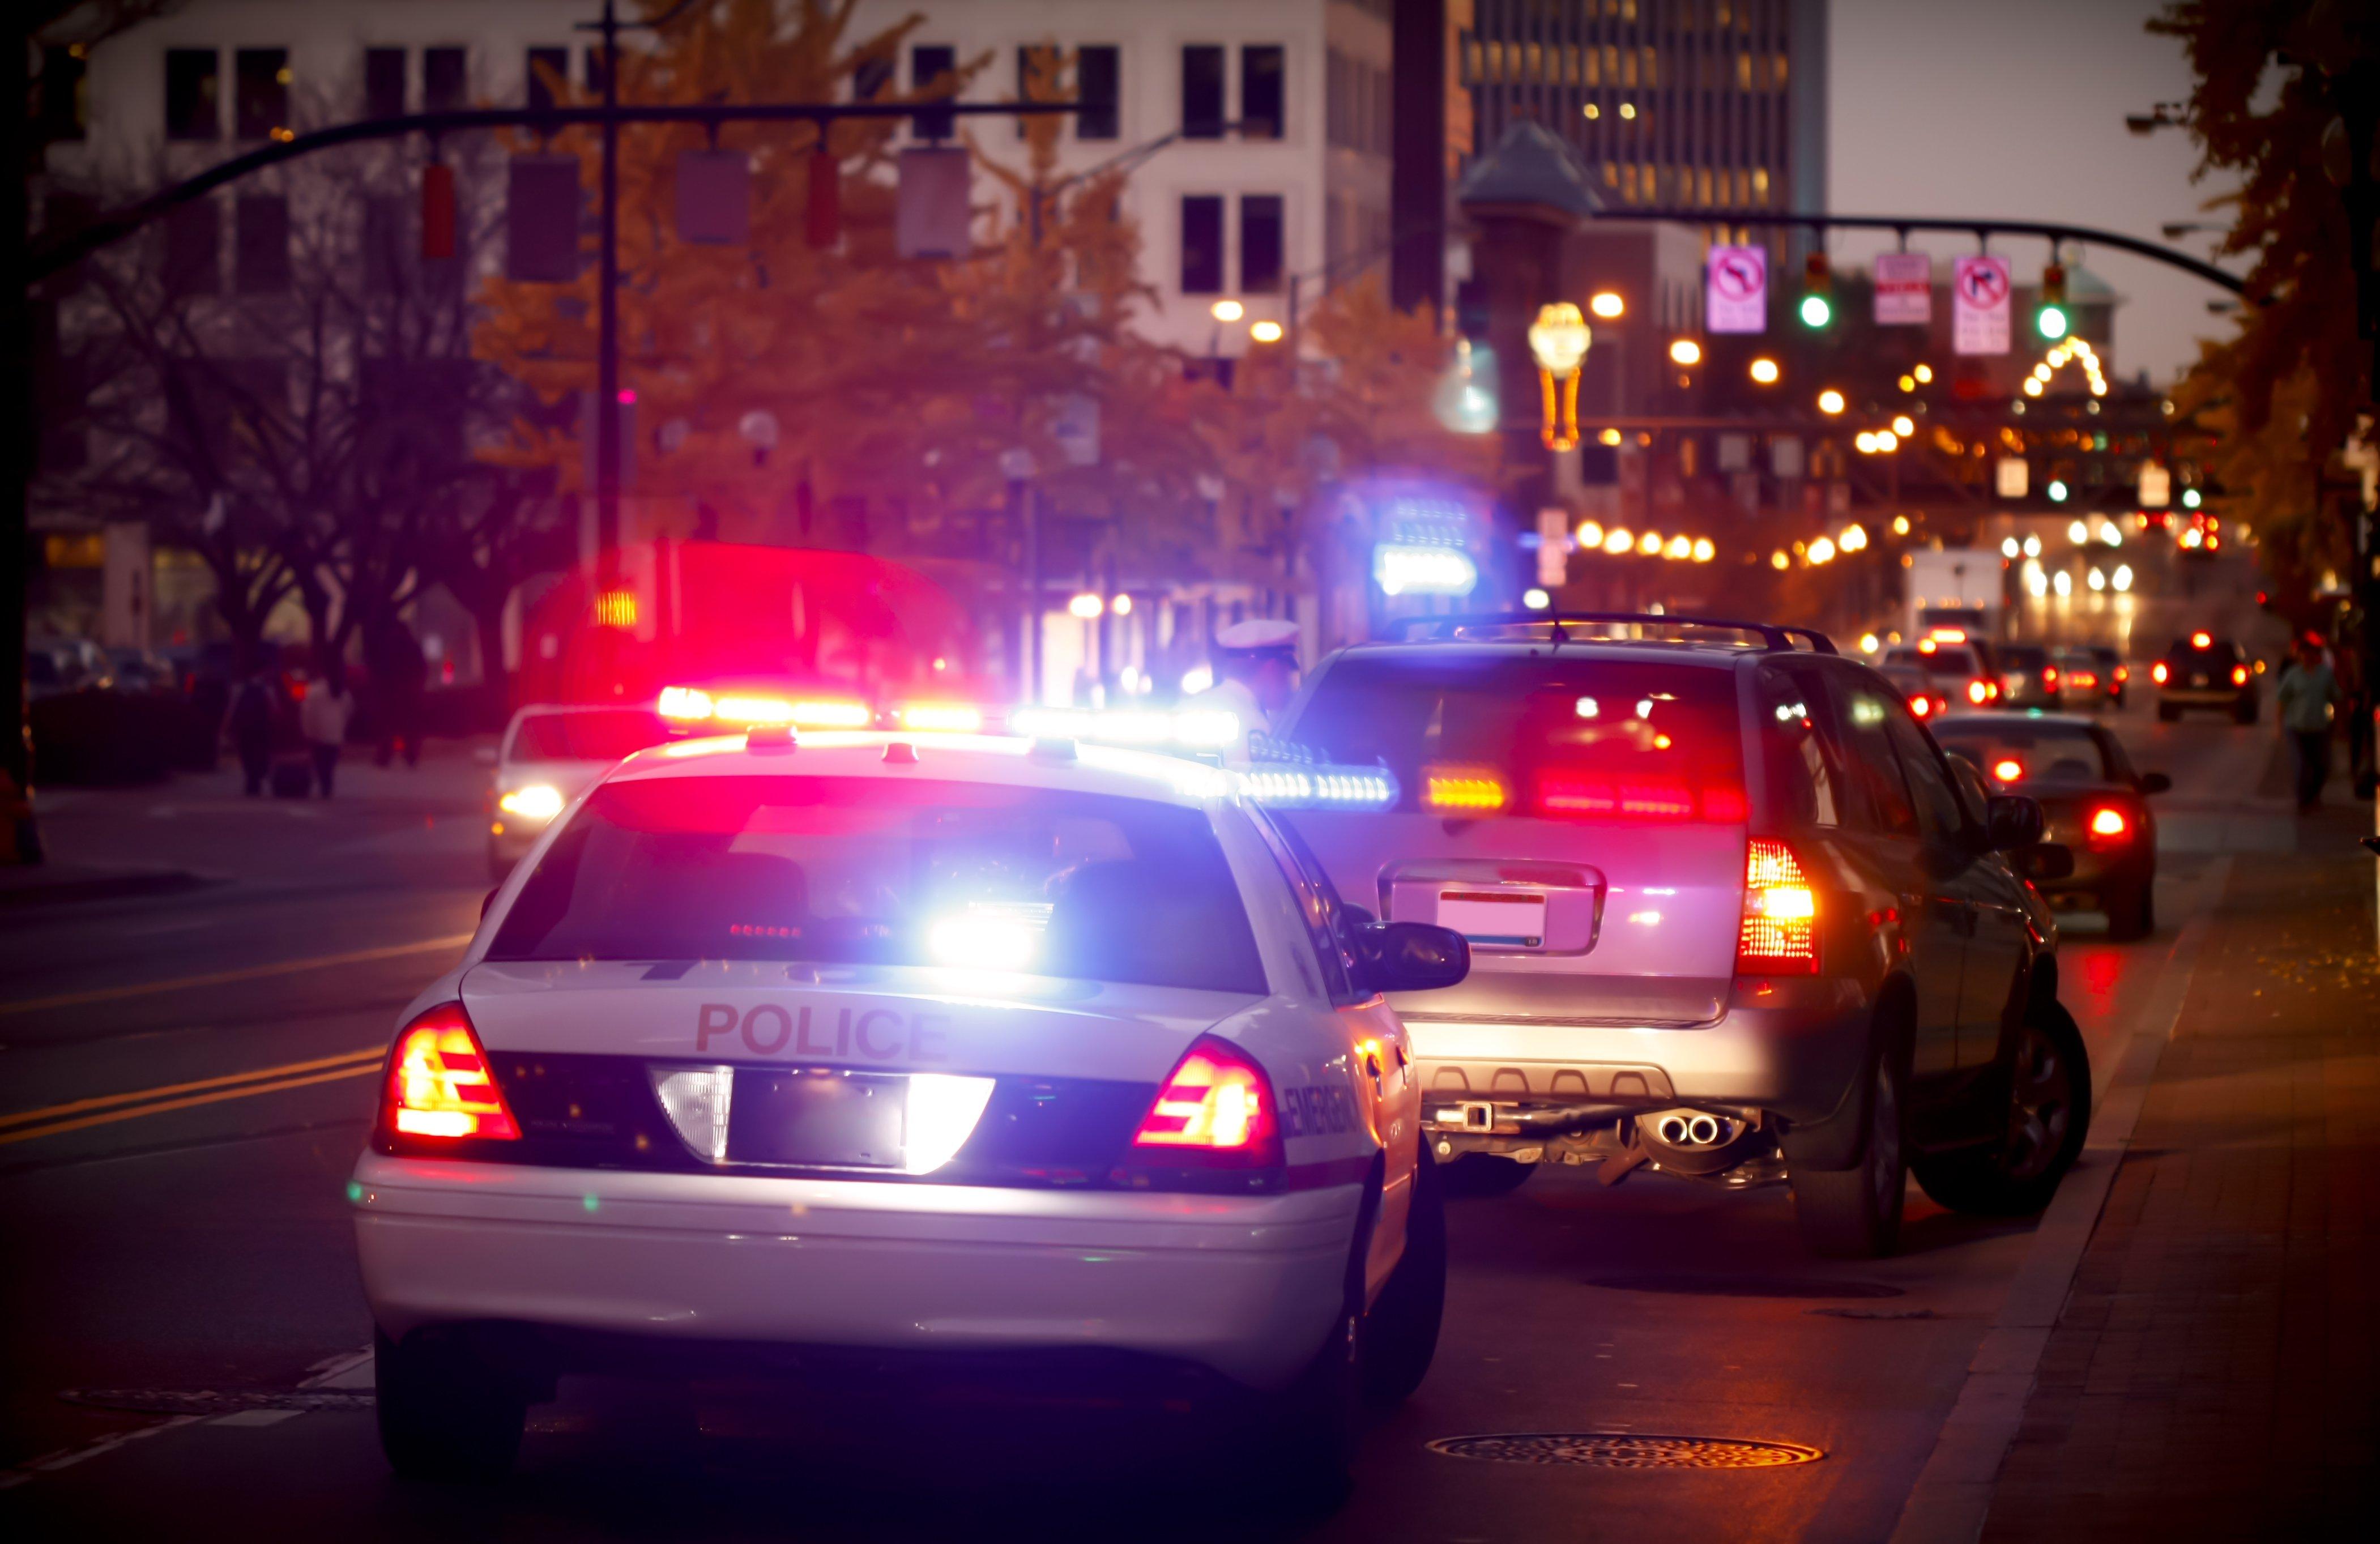 תאונת דרכים עם נפגעים מסתיימת בפסילה של 3 חודשים